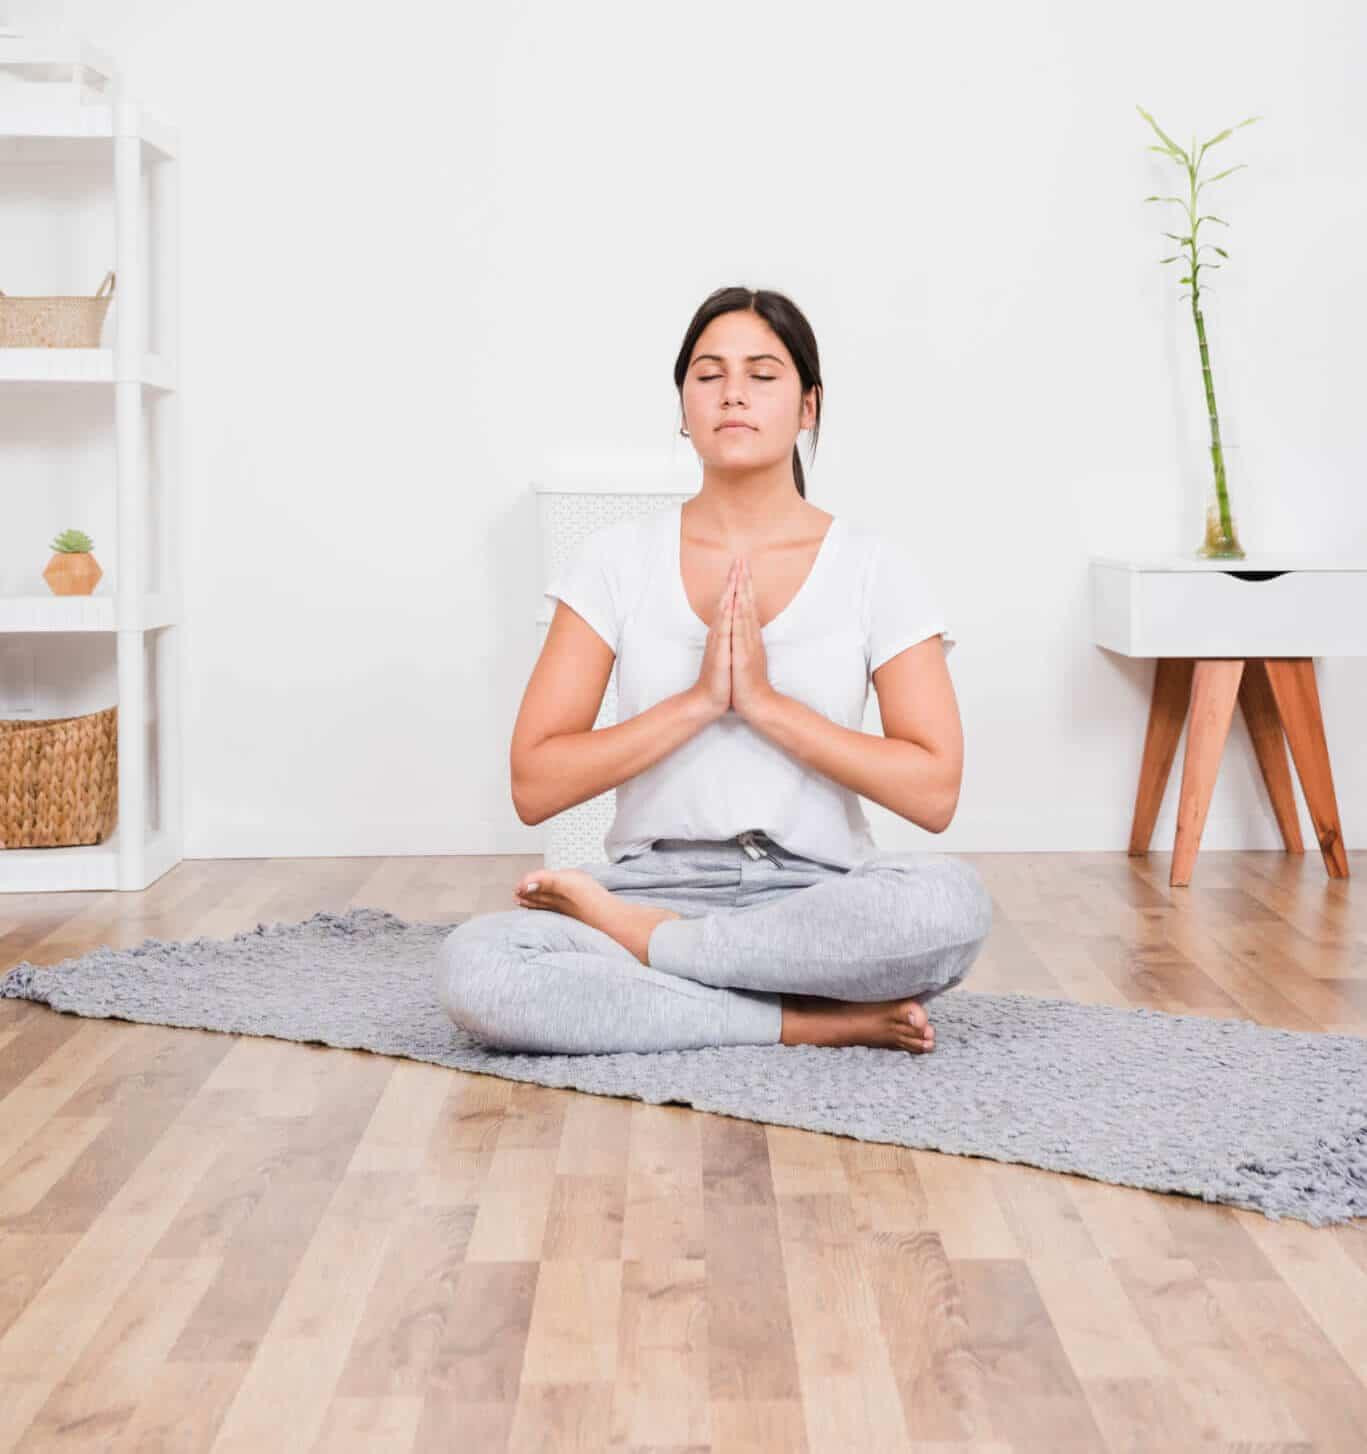 woman at home doing yoga